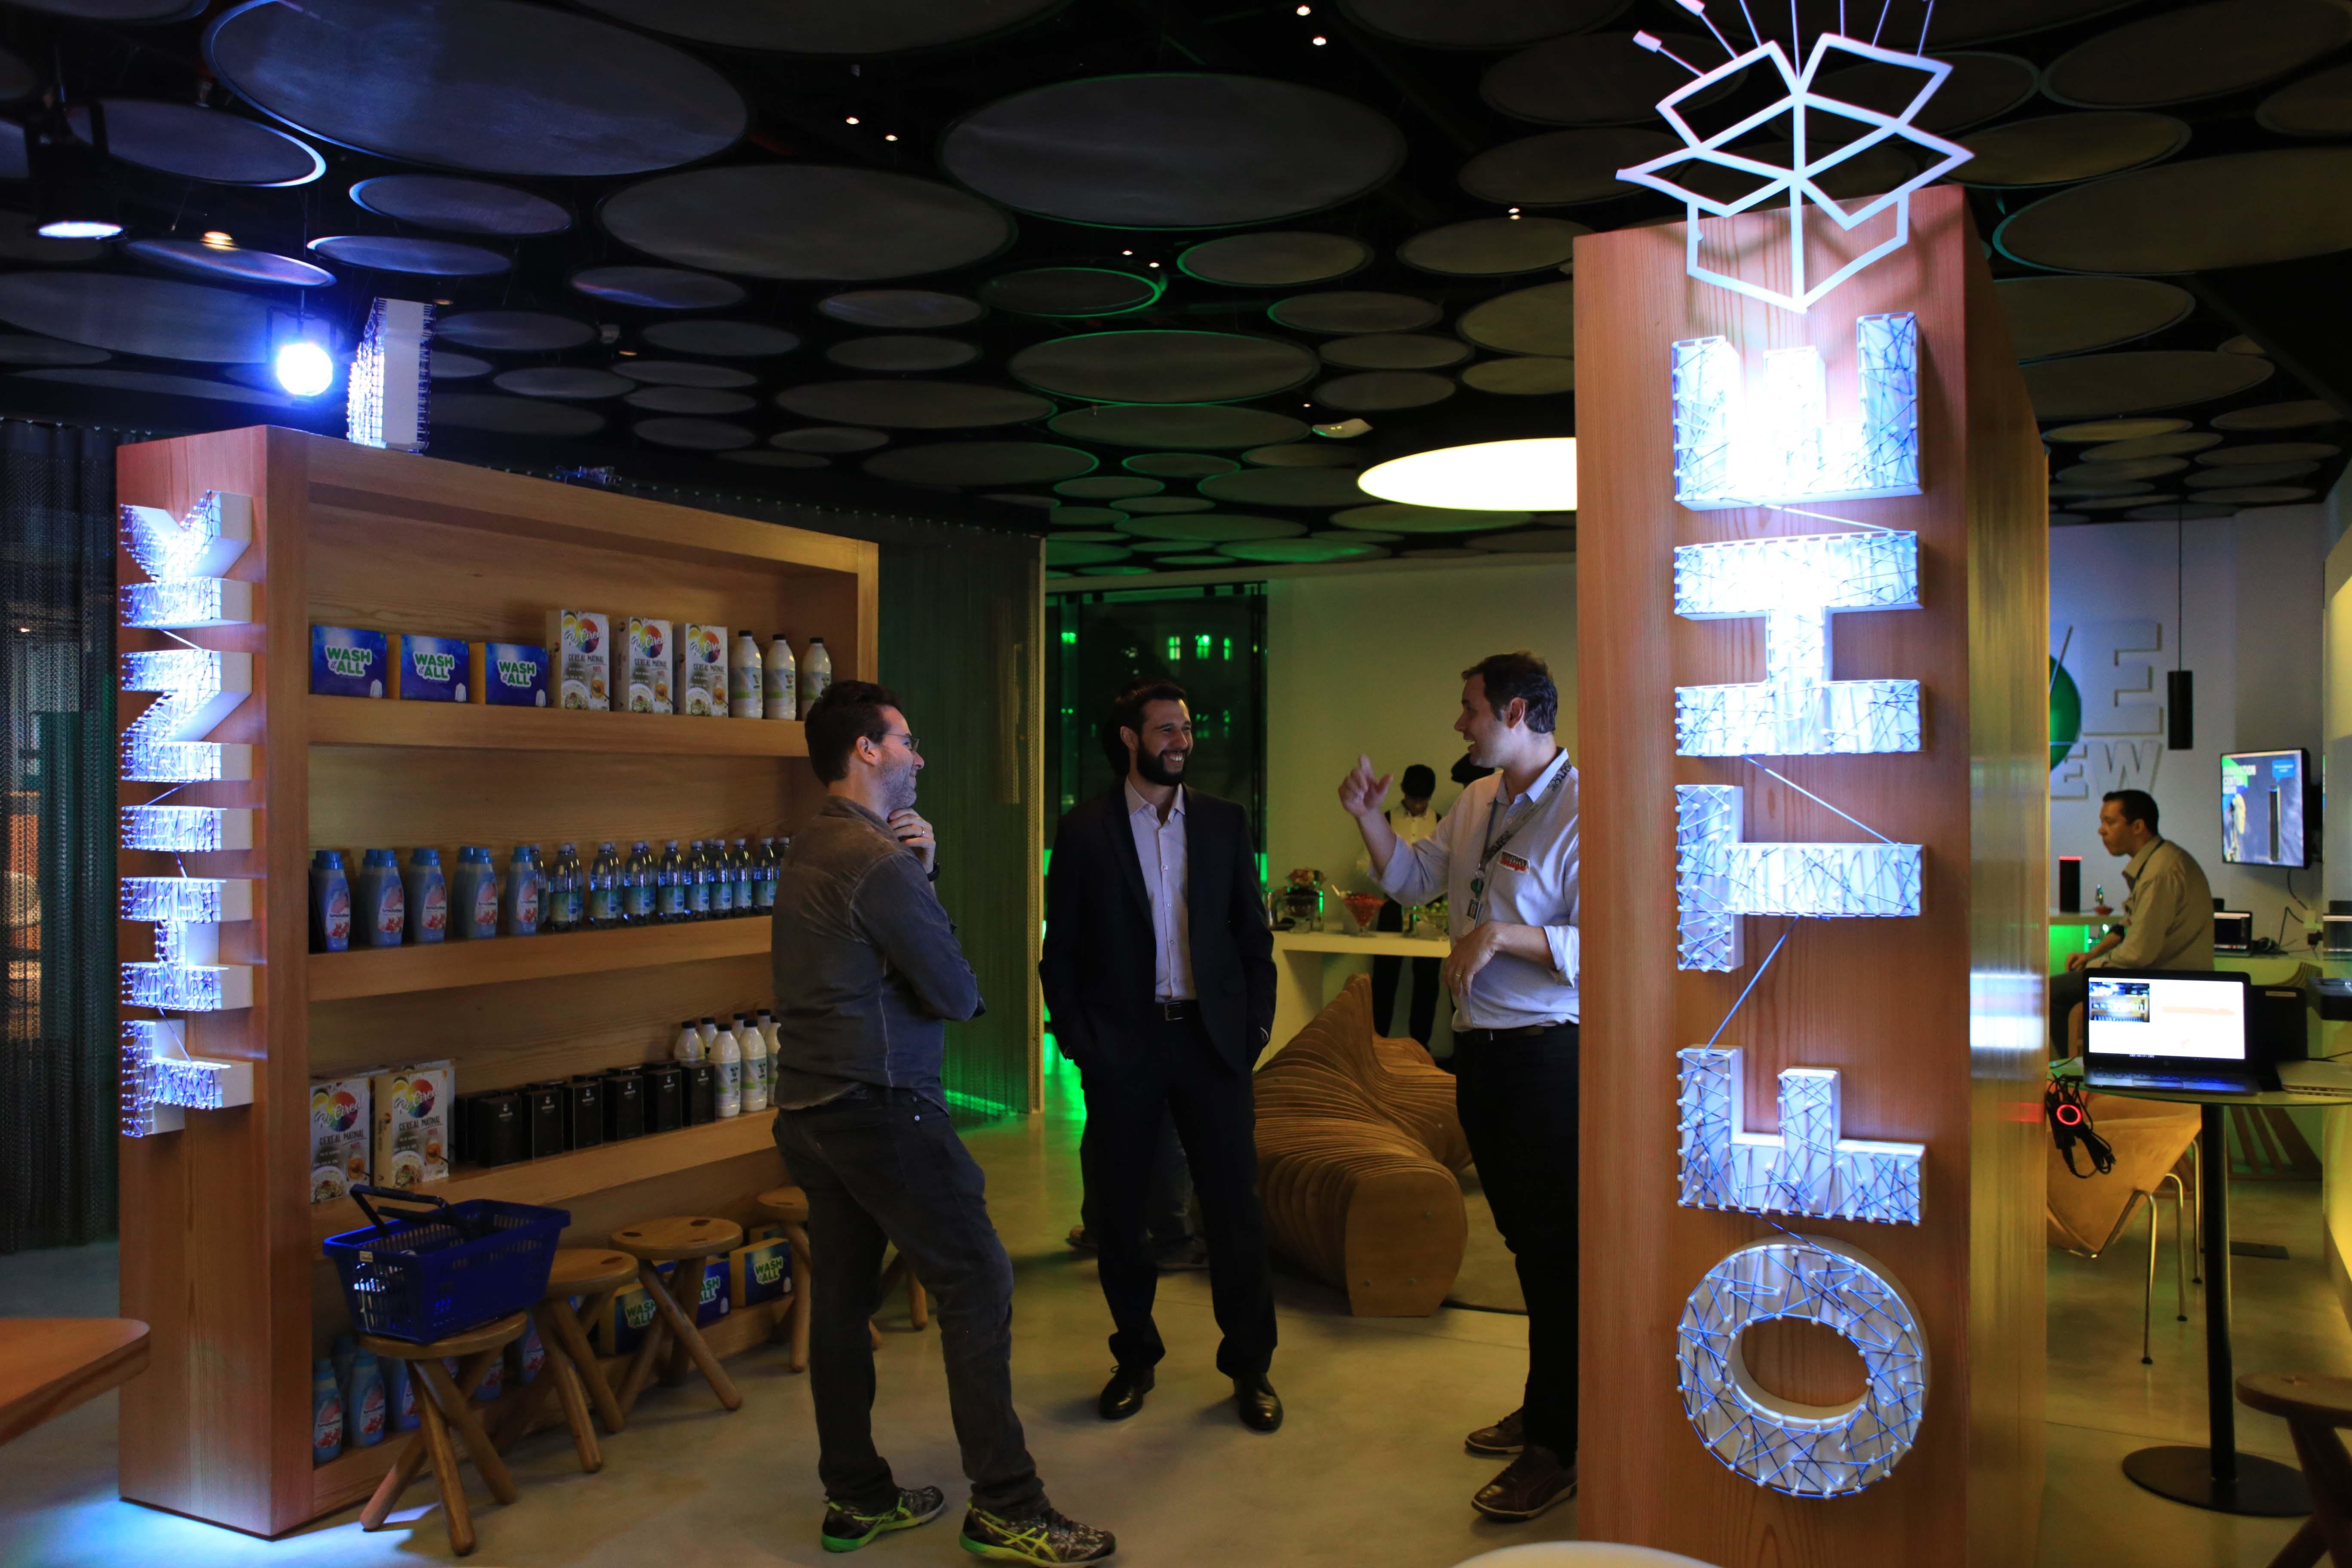 Tecnologias tangíveis: Accenture inaugura centro de inovação em Recife